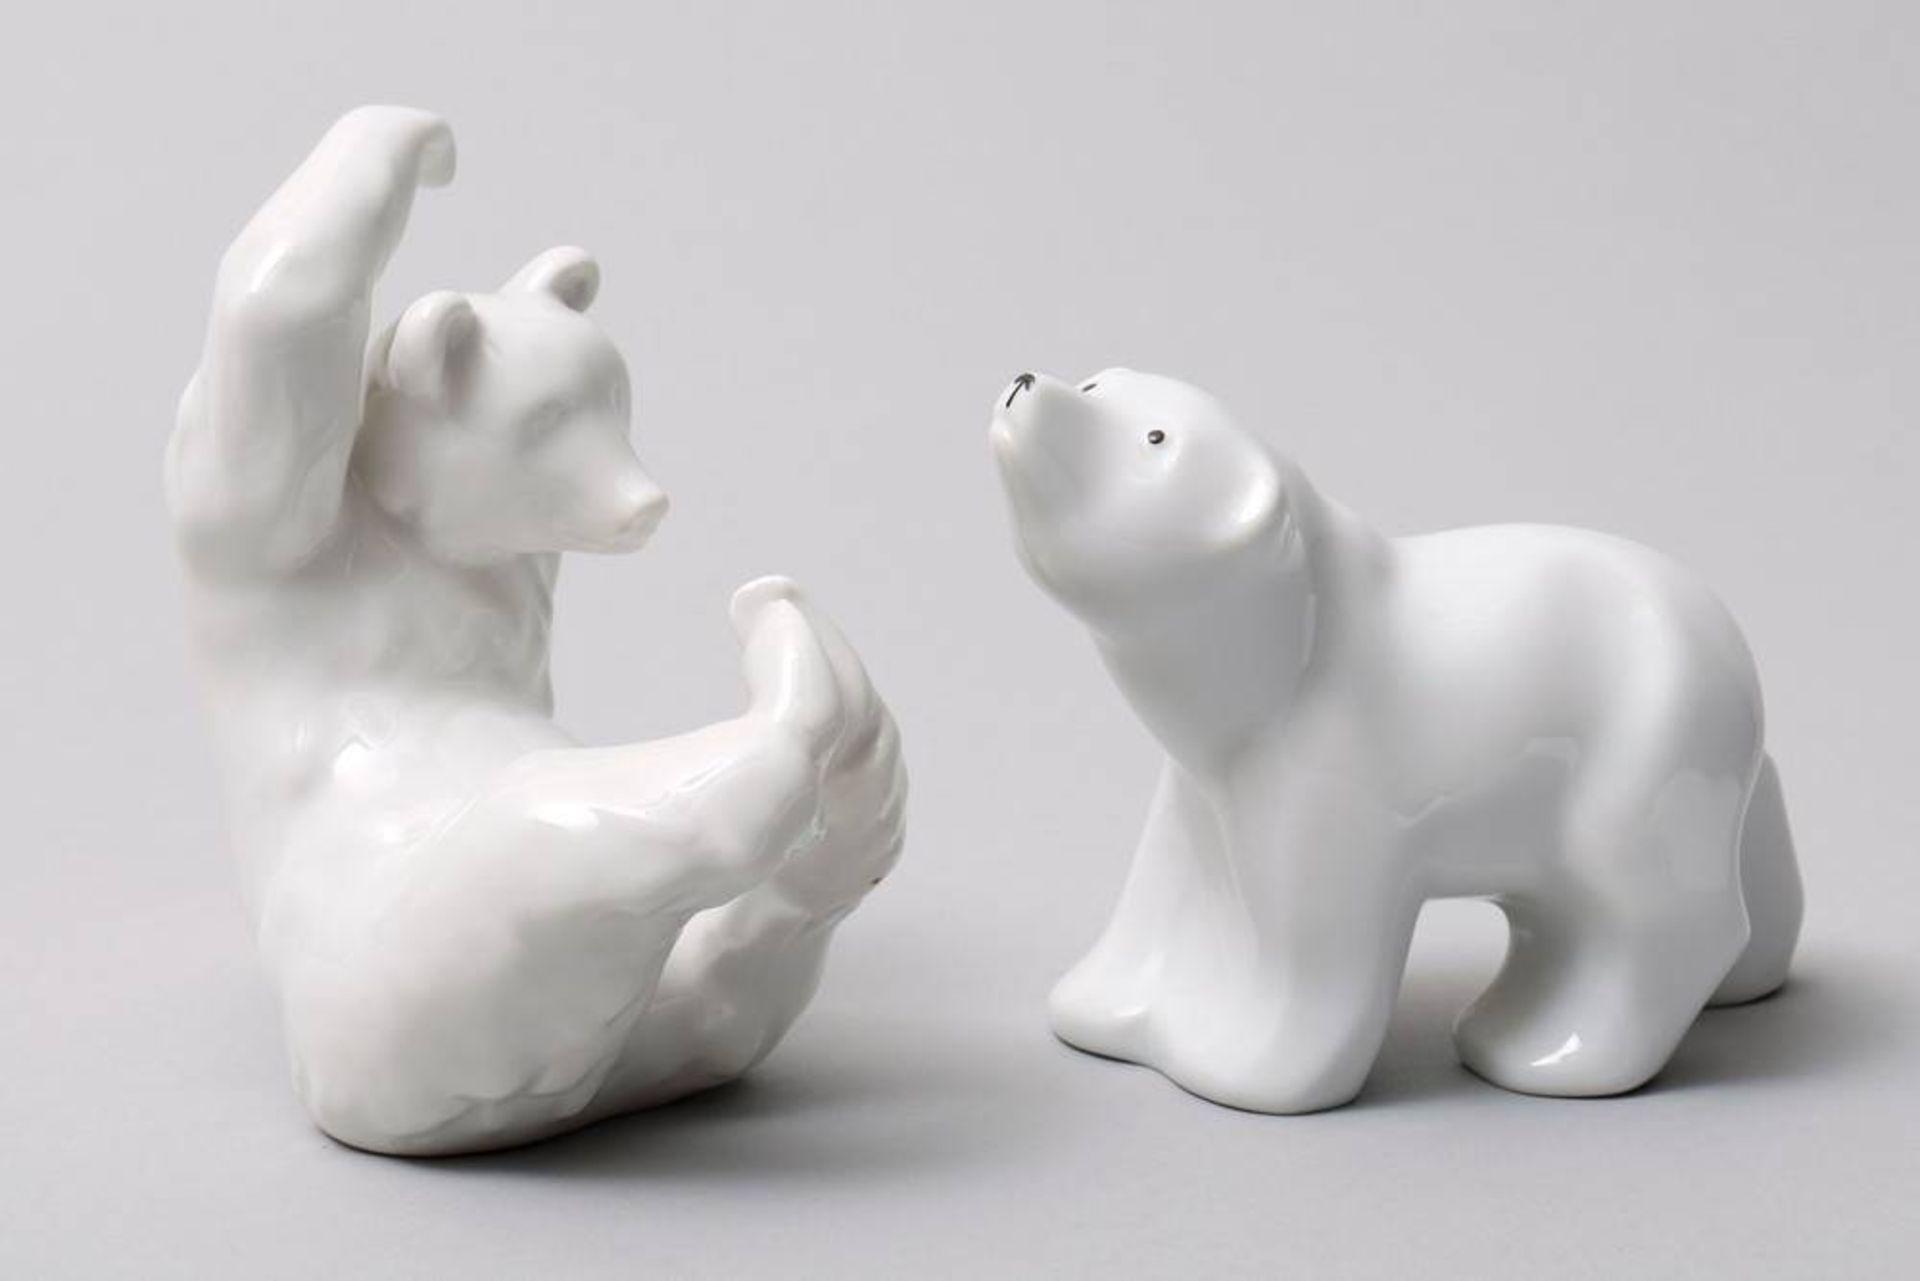 2 Bären, KPM-Berlin, 20. Jhdt. Weißporzellan, 1x sitzender Bär, die Pfoten hoch gestreckt, 1x